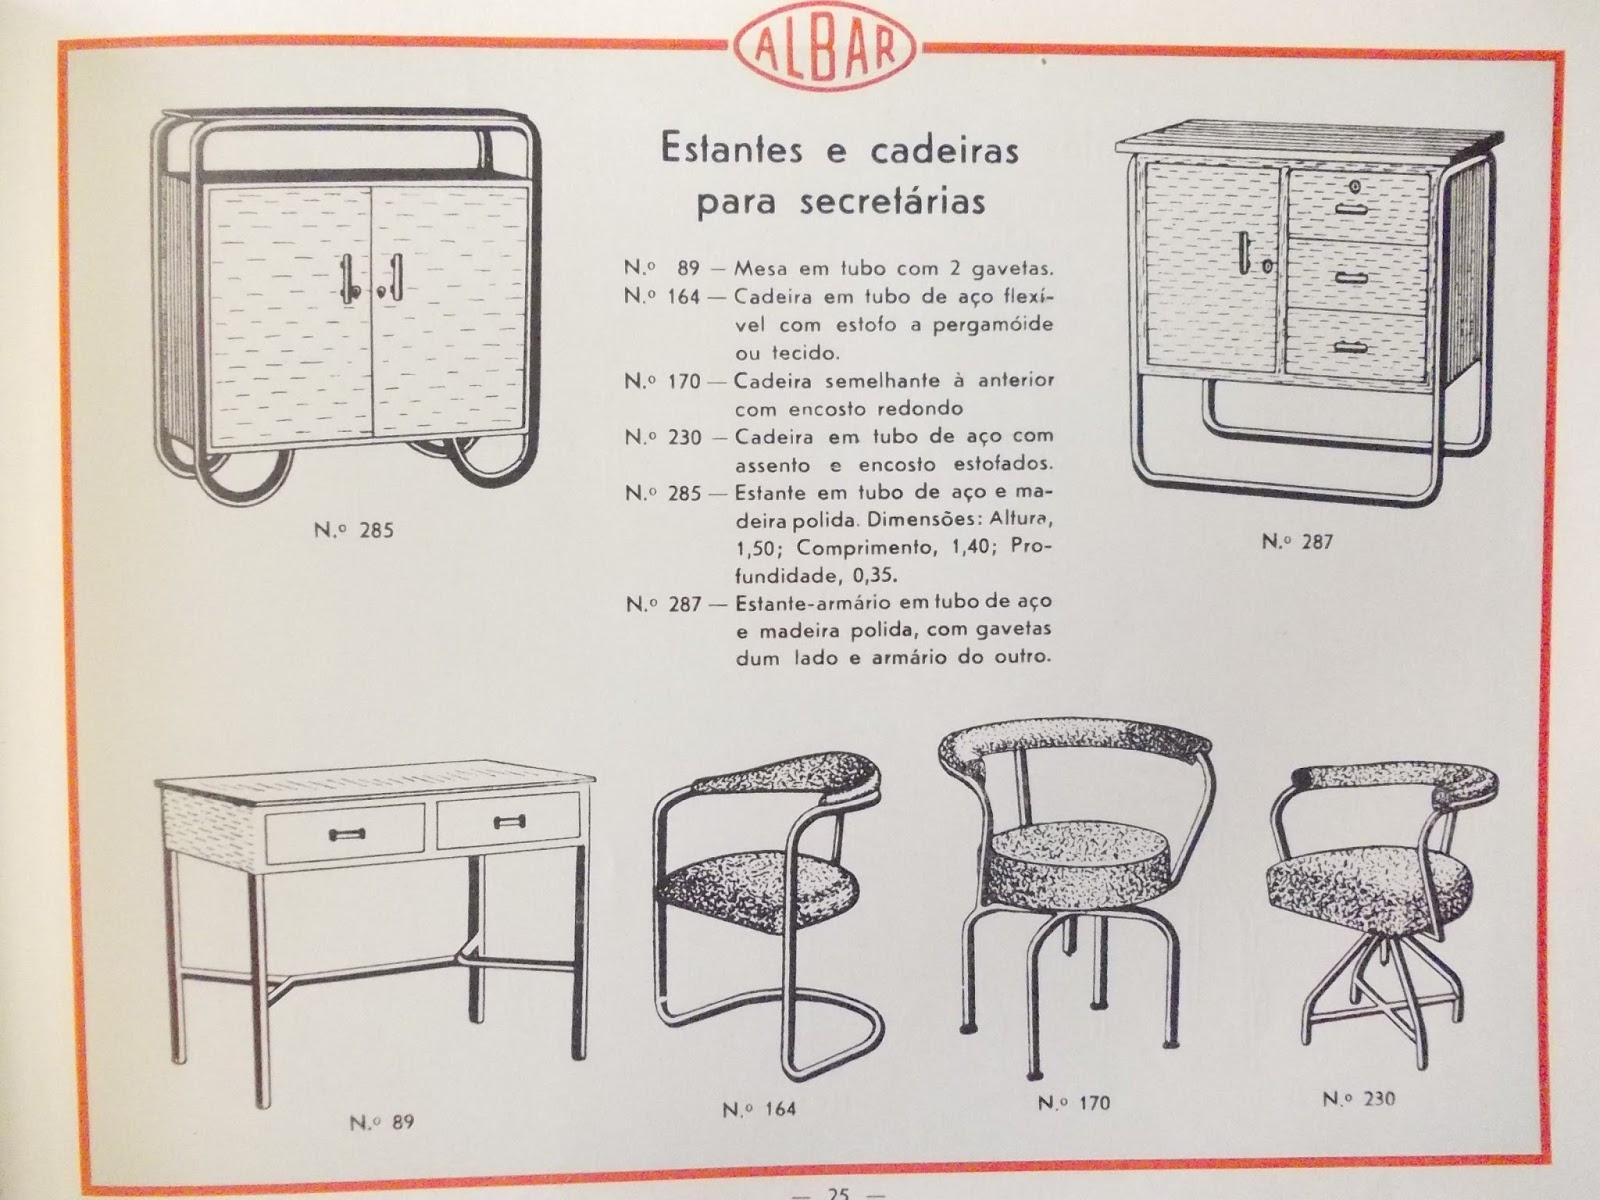 Ilustração Antiga: Albino de Matos Pereiras & Barros #AC451F 1600x1200